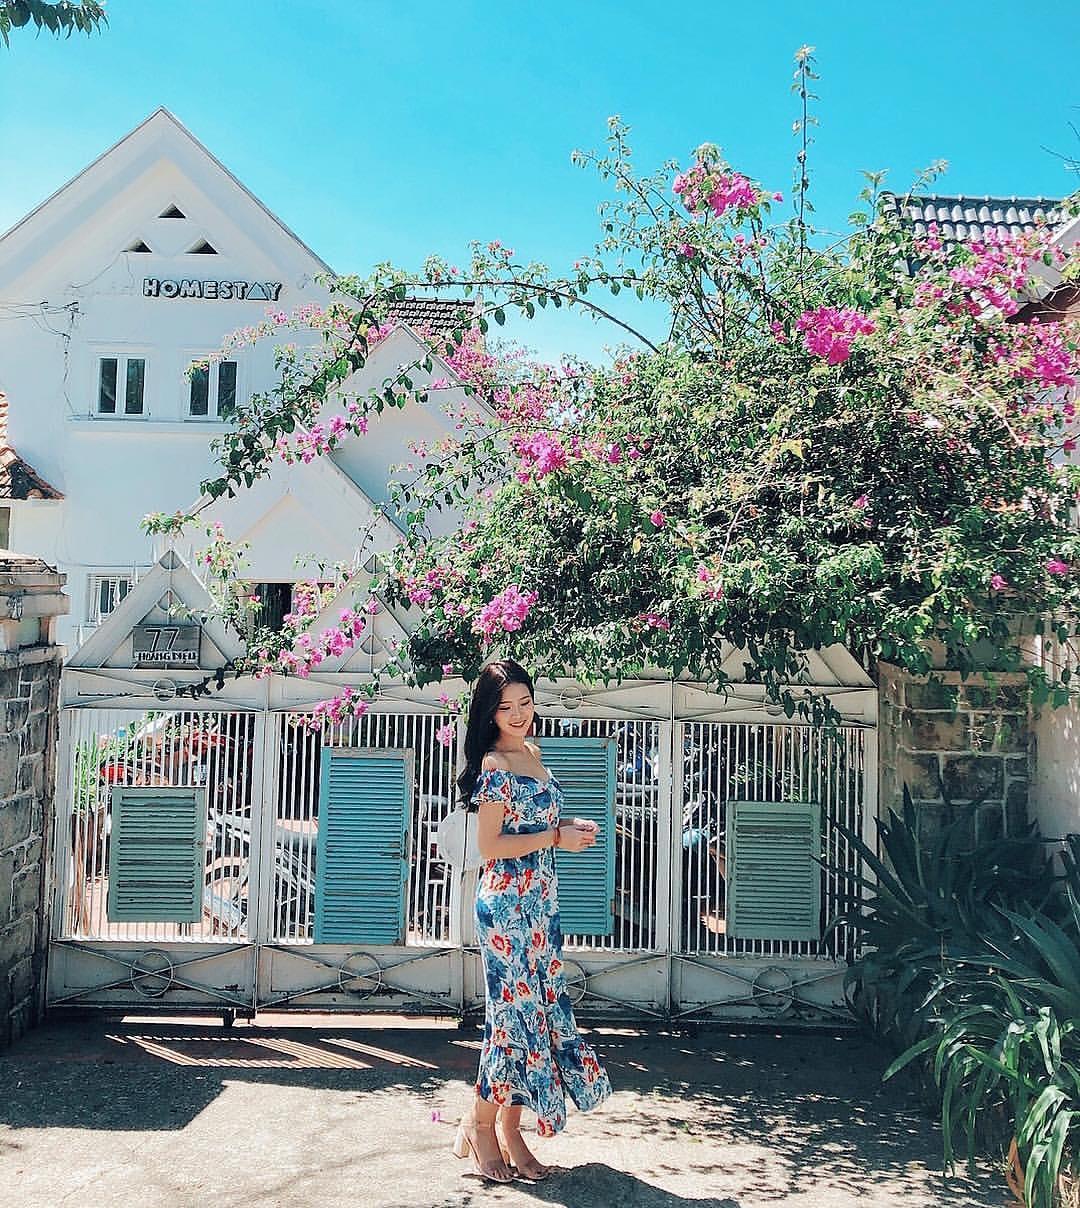 Lạc bước đến top 5 homestay Đà Lạt tràn ngập sắc hoa đẹp vạn người mê – iVIVU.com